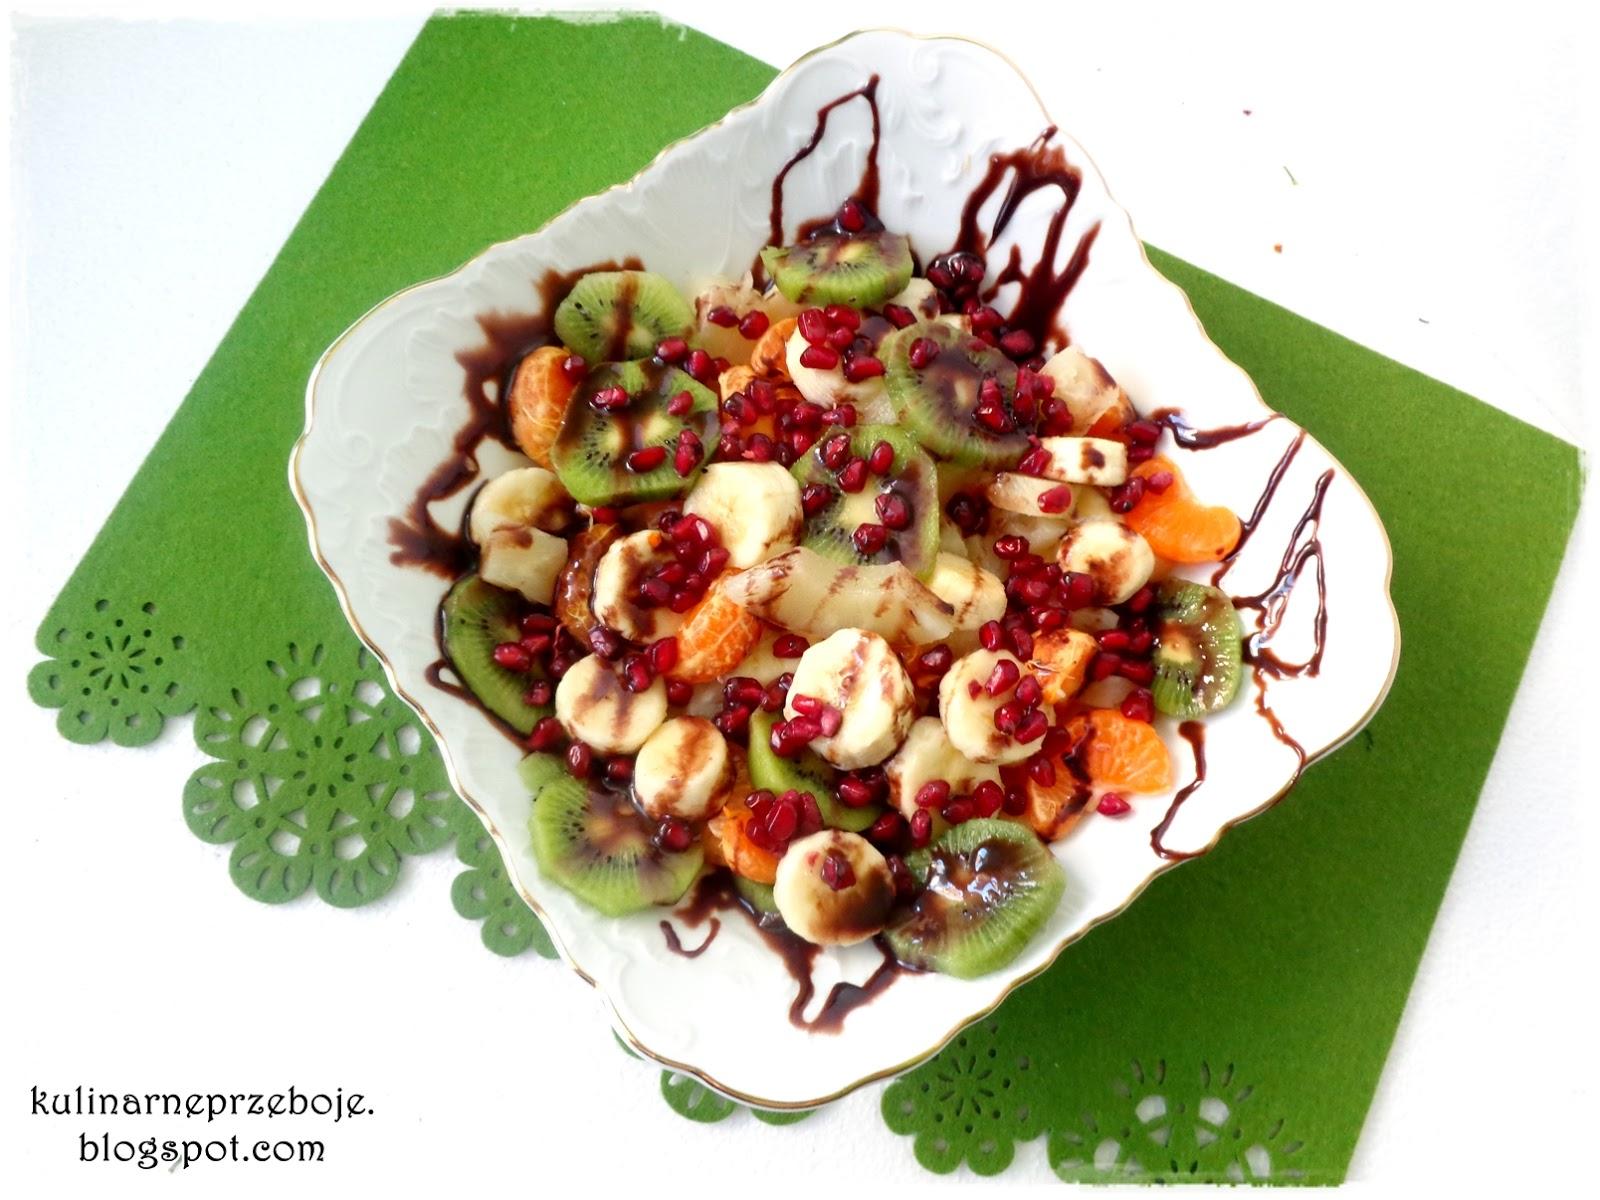 Sałatka owocowa polana czekoladą